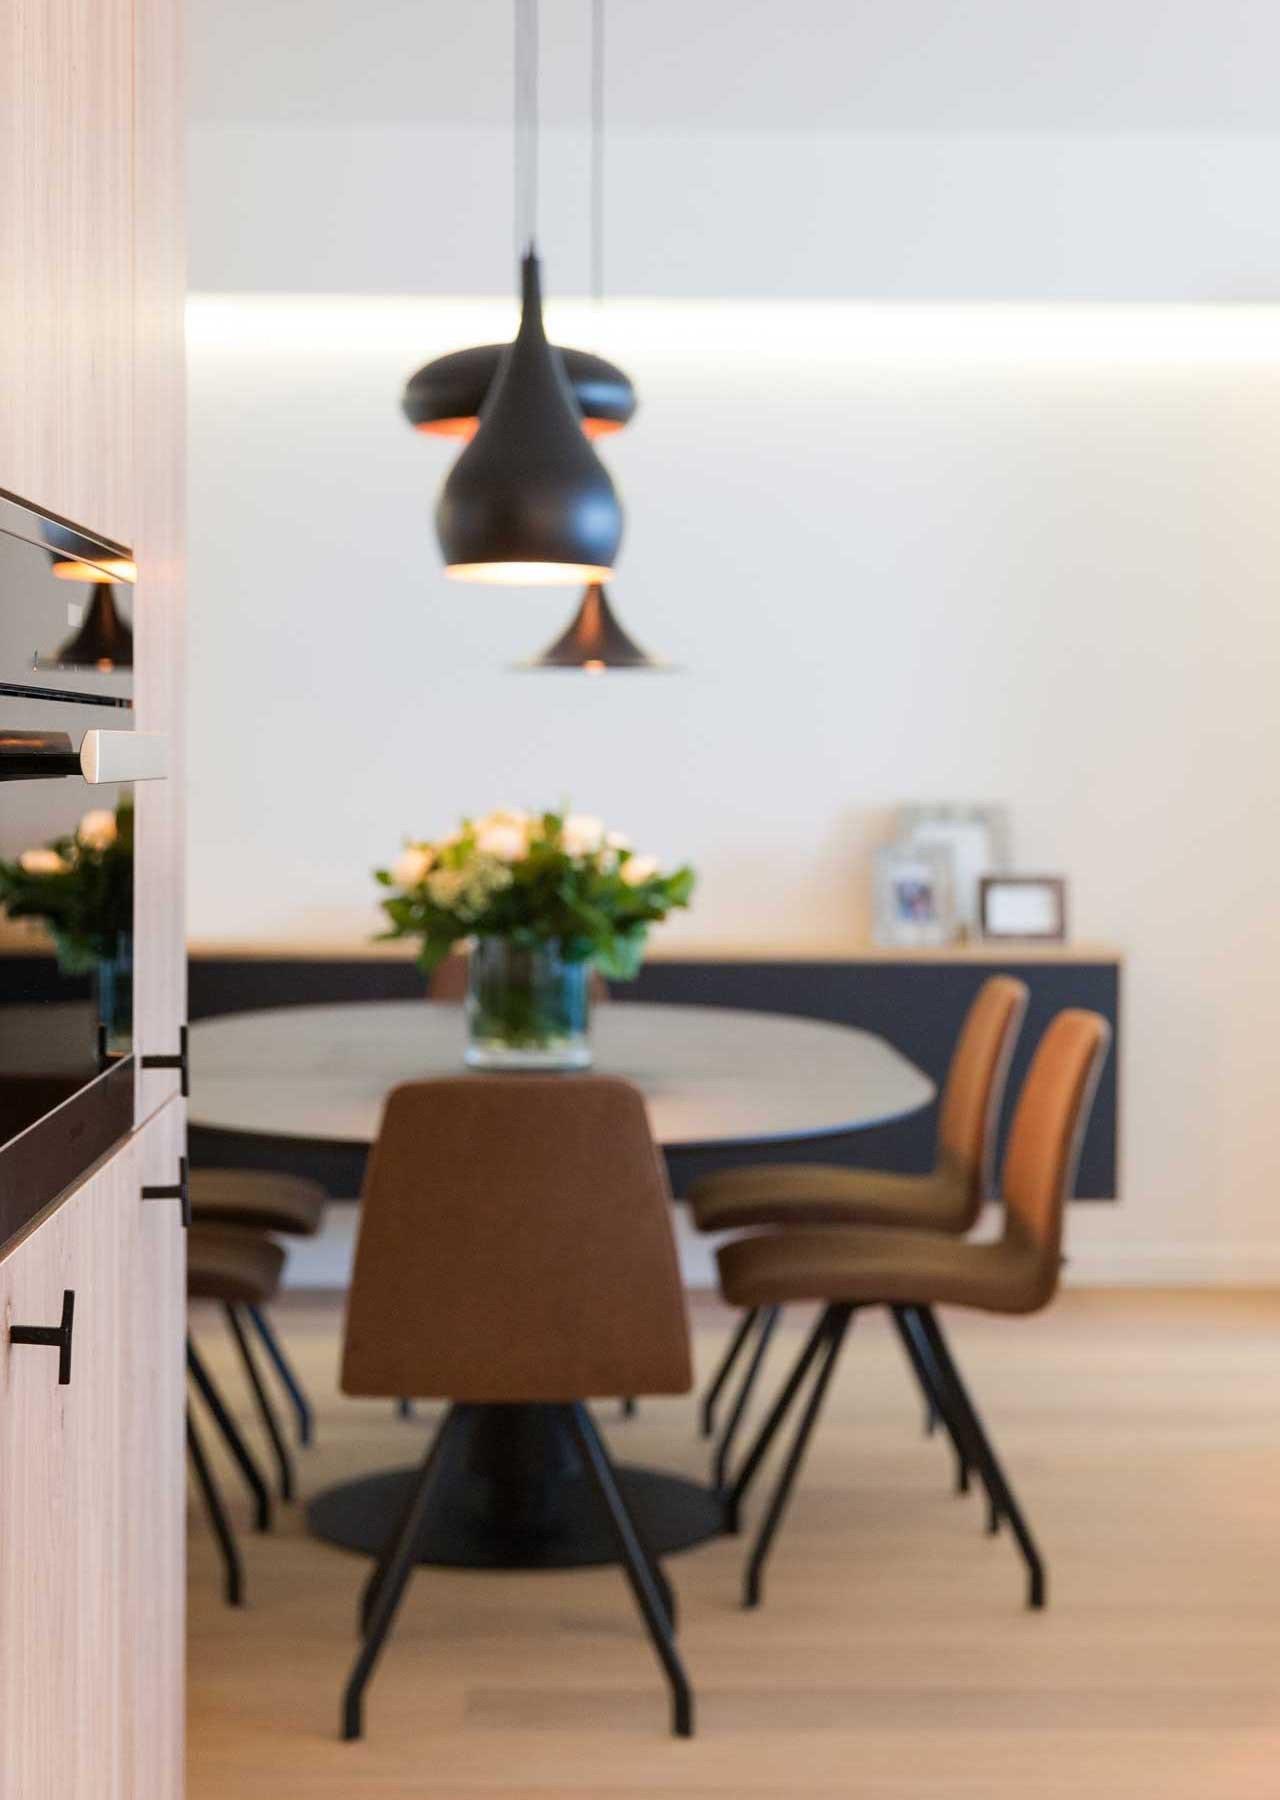 Totaalinrichting-appartement-Kortrijk-6.jpg